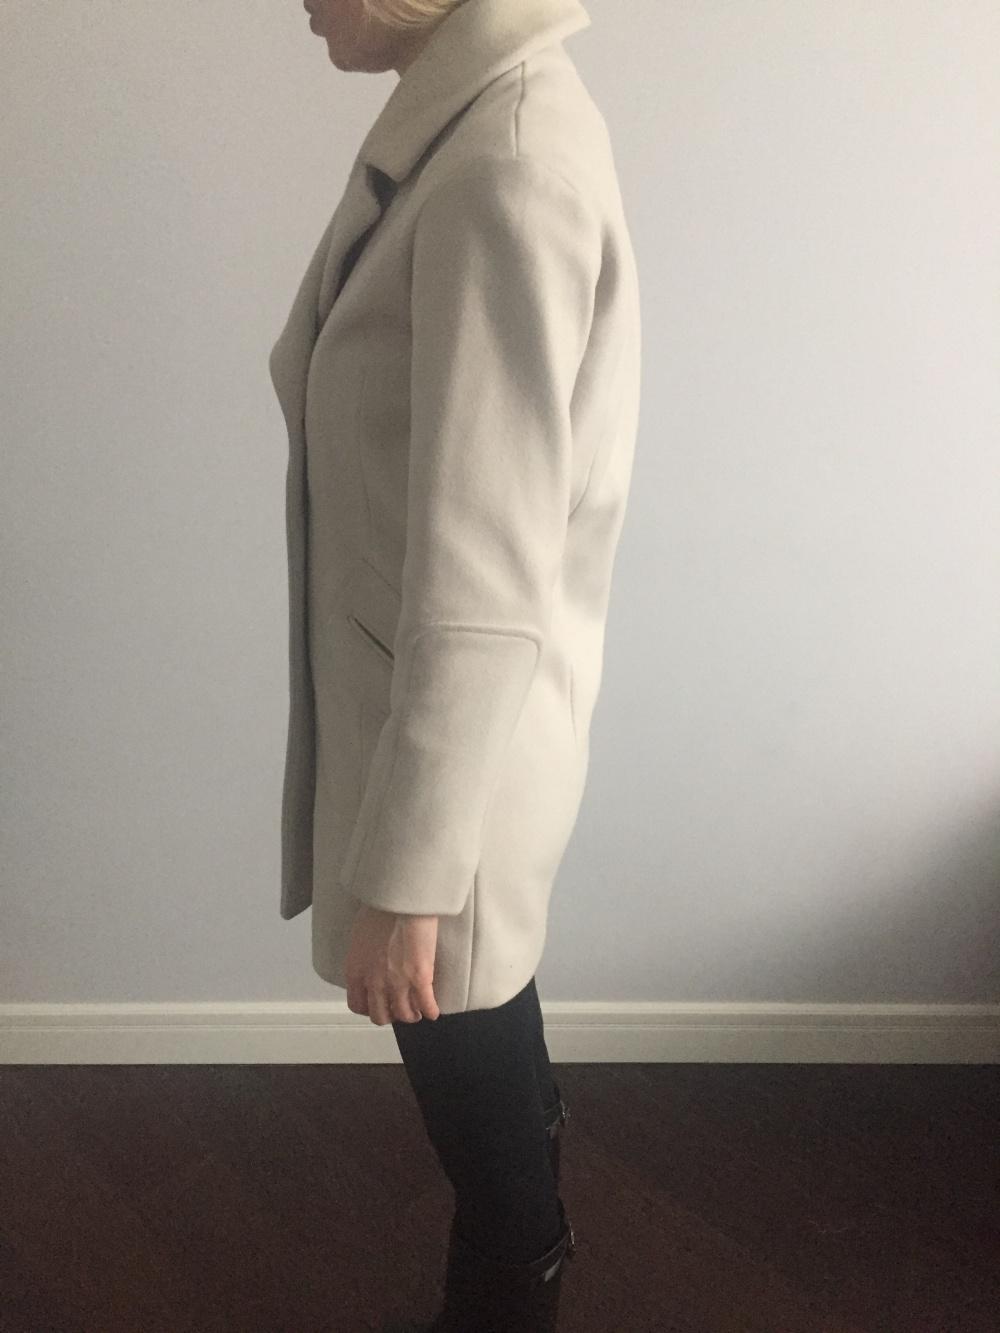 Пальто Comptoir des Cottoniers в отличном состоянии, XS-S